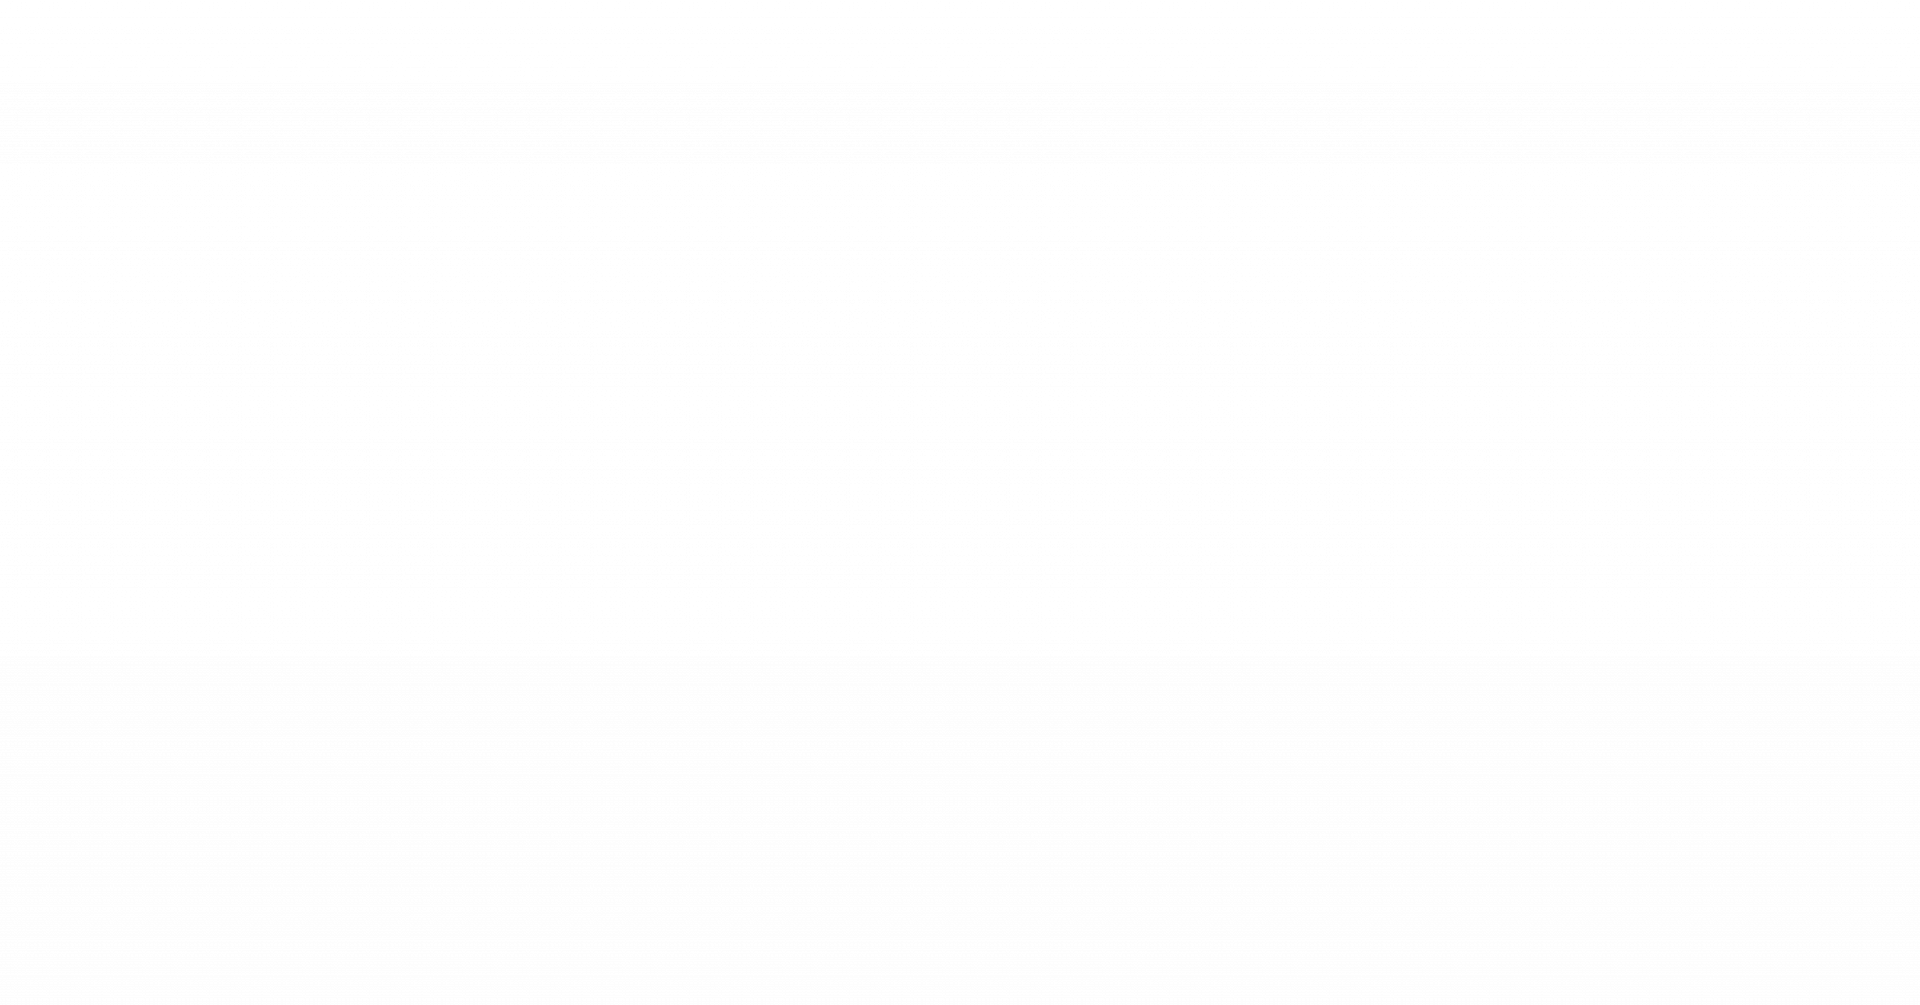 Eventi uilca lombardia